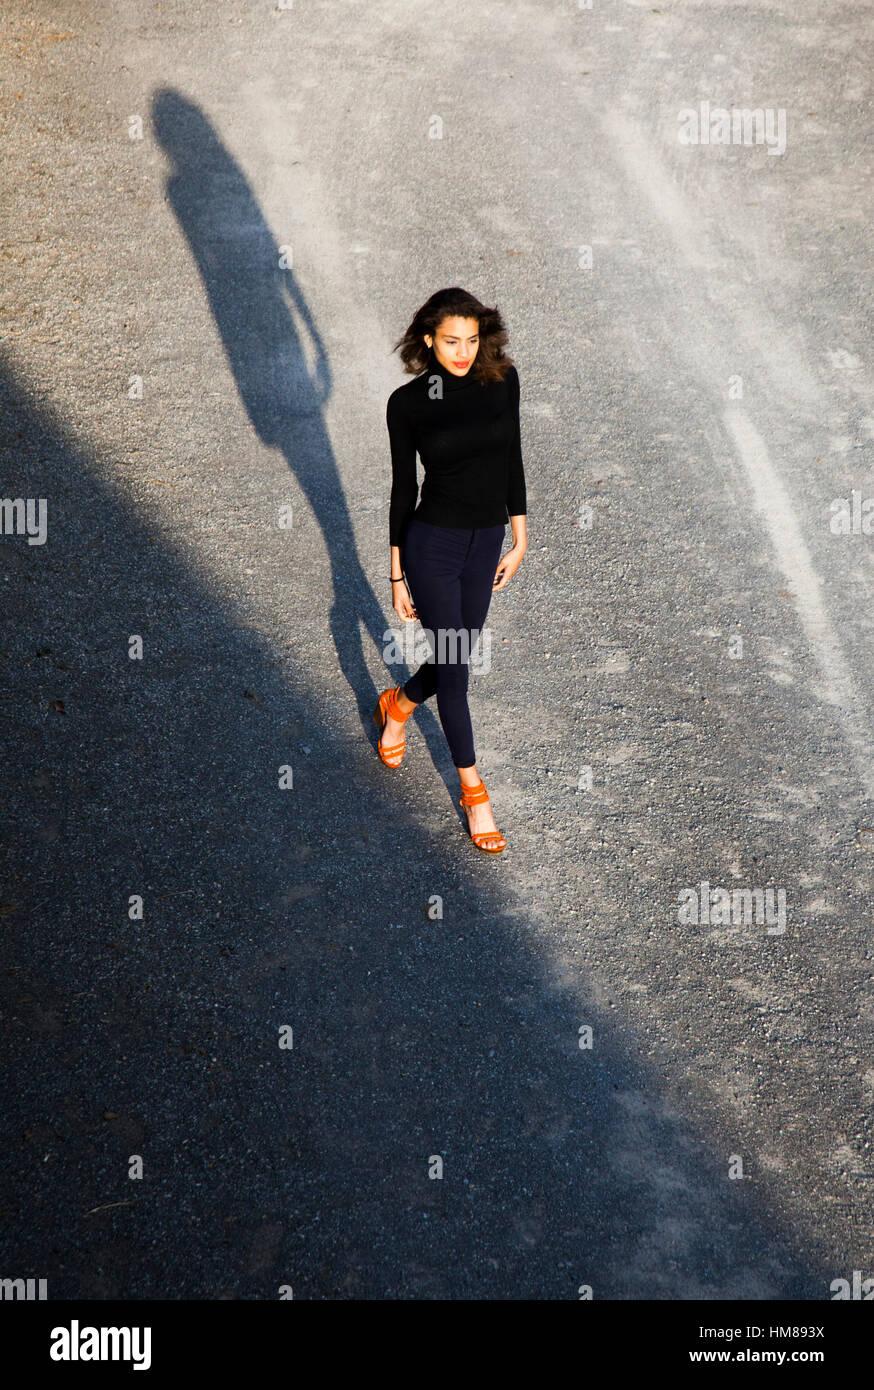 Porträt der selbstbewusste junge Erwachsene Frau in schwarzer Kleidung und Orange Schuhe zu Fuß während Stockbild